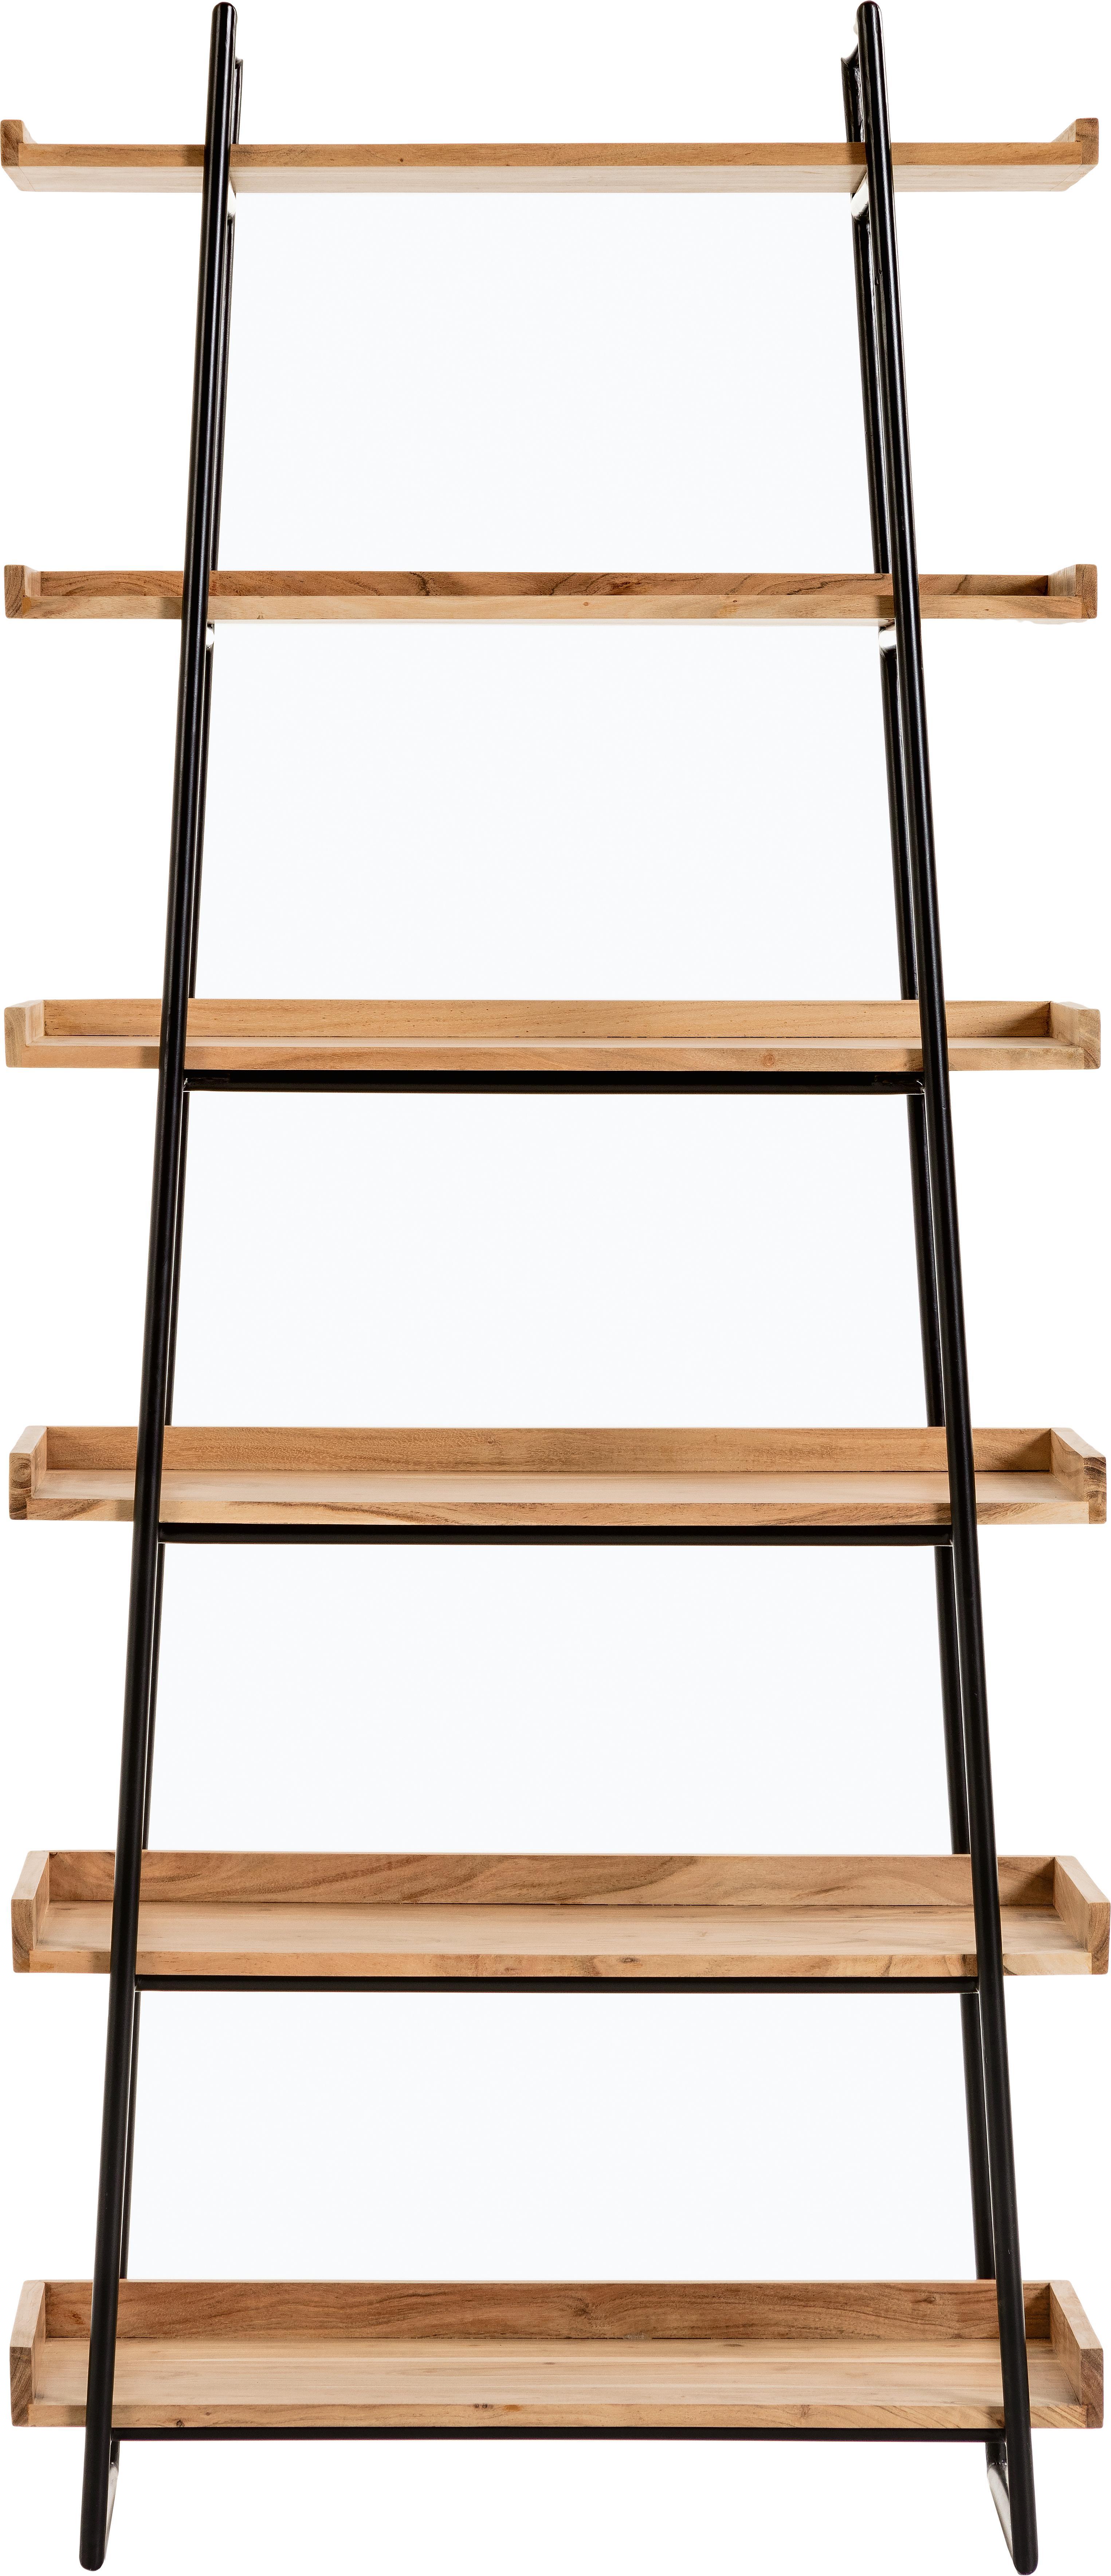 Standregal Basi aus Holz und Metall, Gestell: Metall, lackiert, Schwarz, Braun, 80 x 185 cm